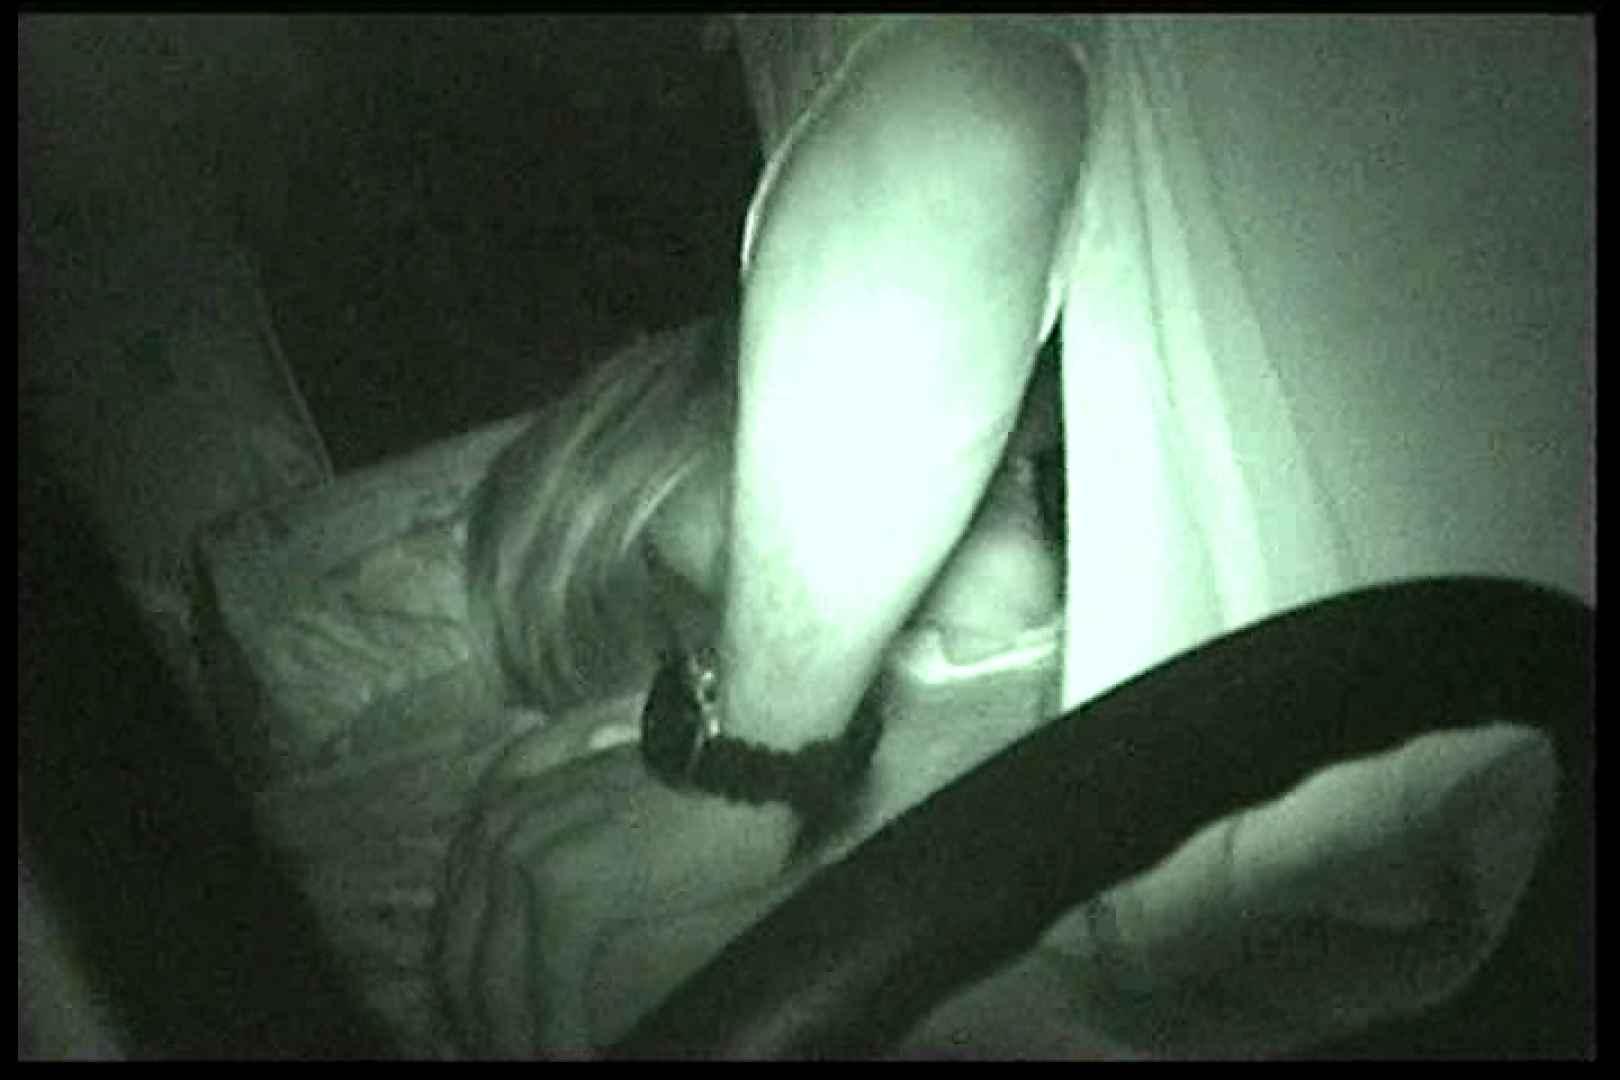 車の中はラブホテル 無修正版  Vol.14 ホテル 盗み撮り動画キャプチャ 100画像 40